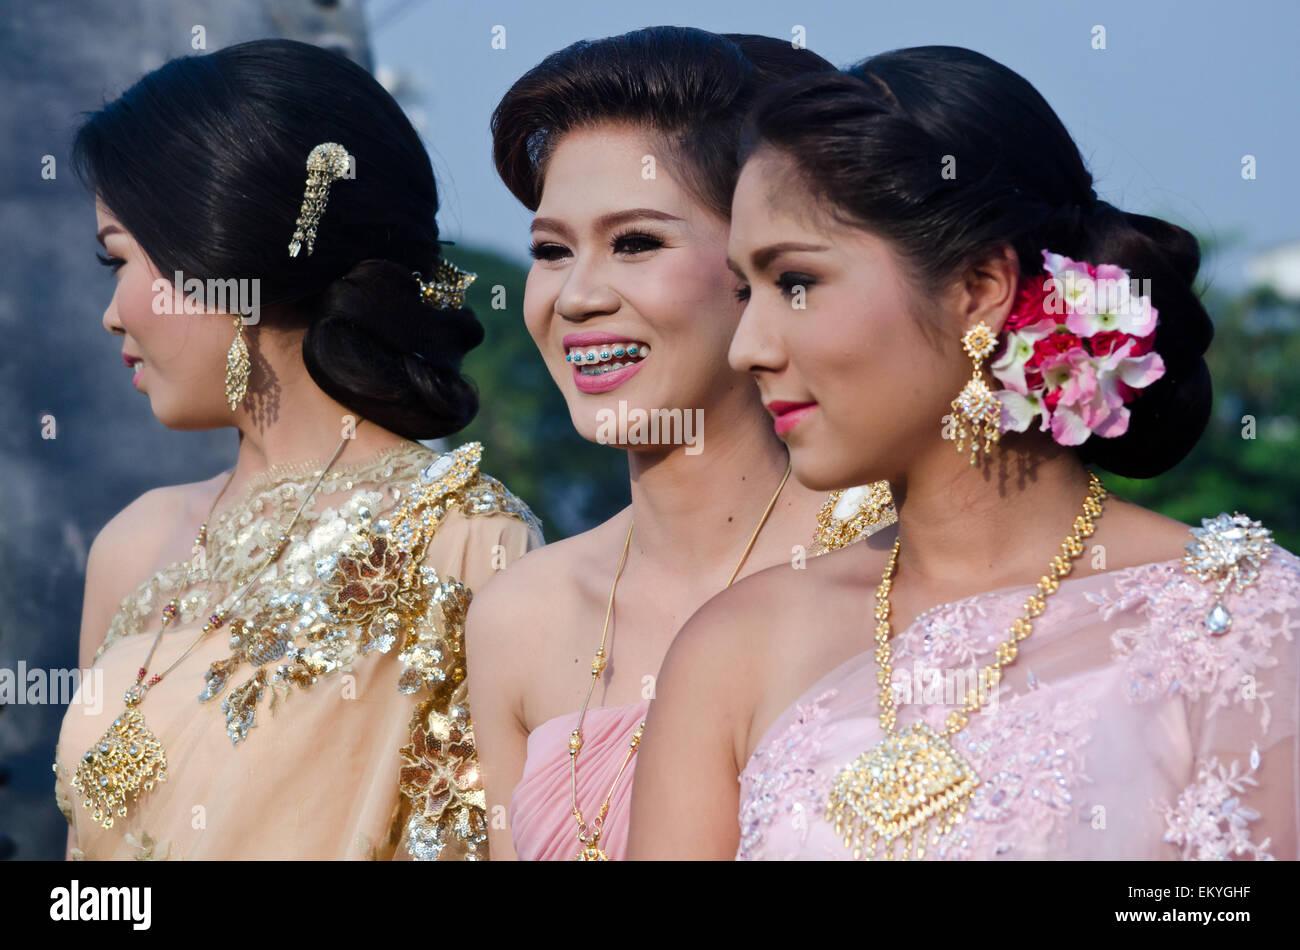 Eine Thai Braut Und Ihre Brautjungfern Geniessen Eine